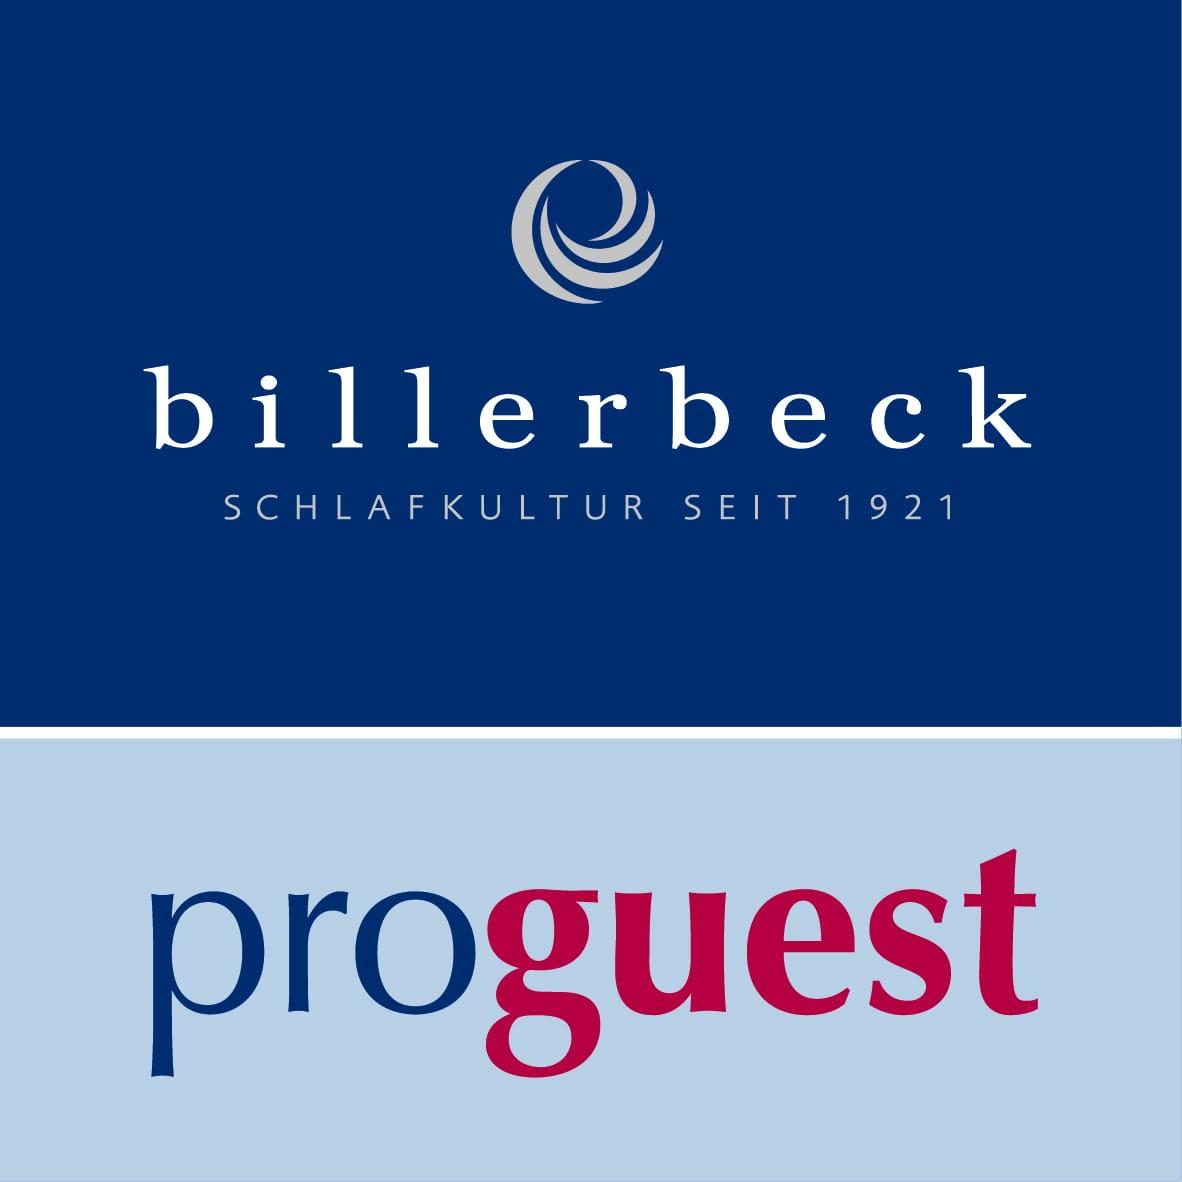 Billerbeck | Proguest